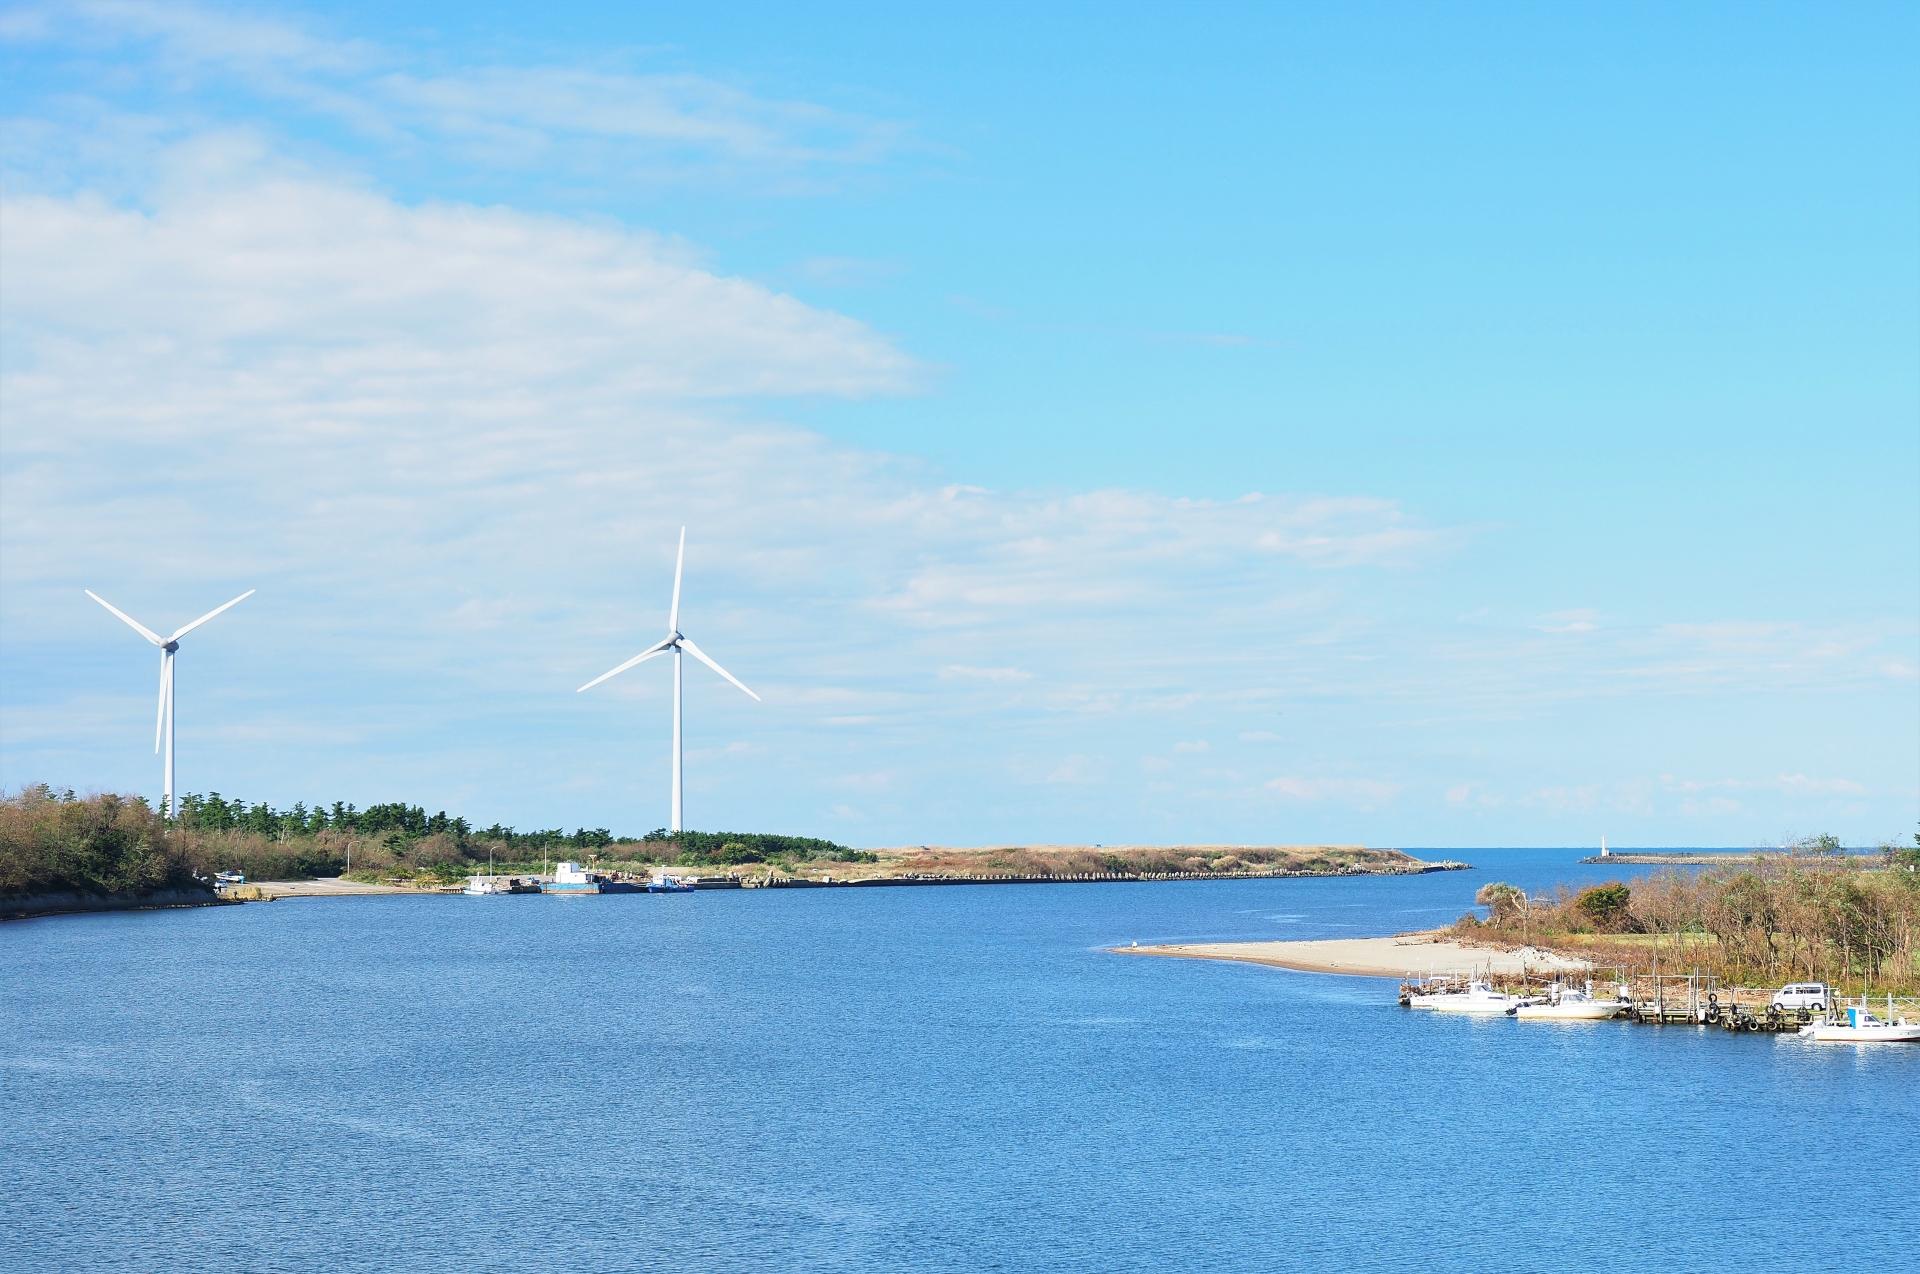 子吉川と由利本荘海岸風力発電所